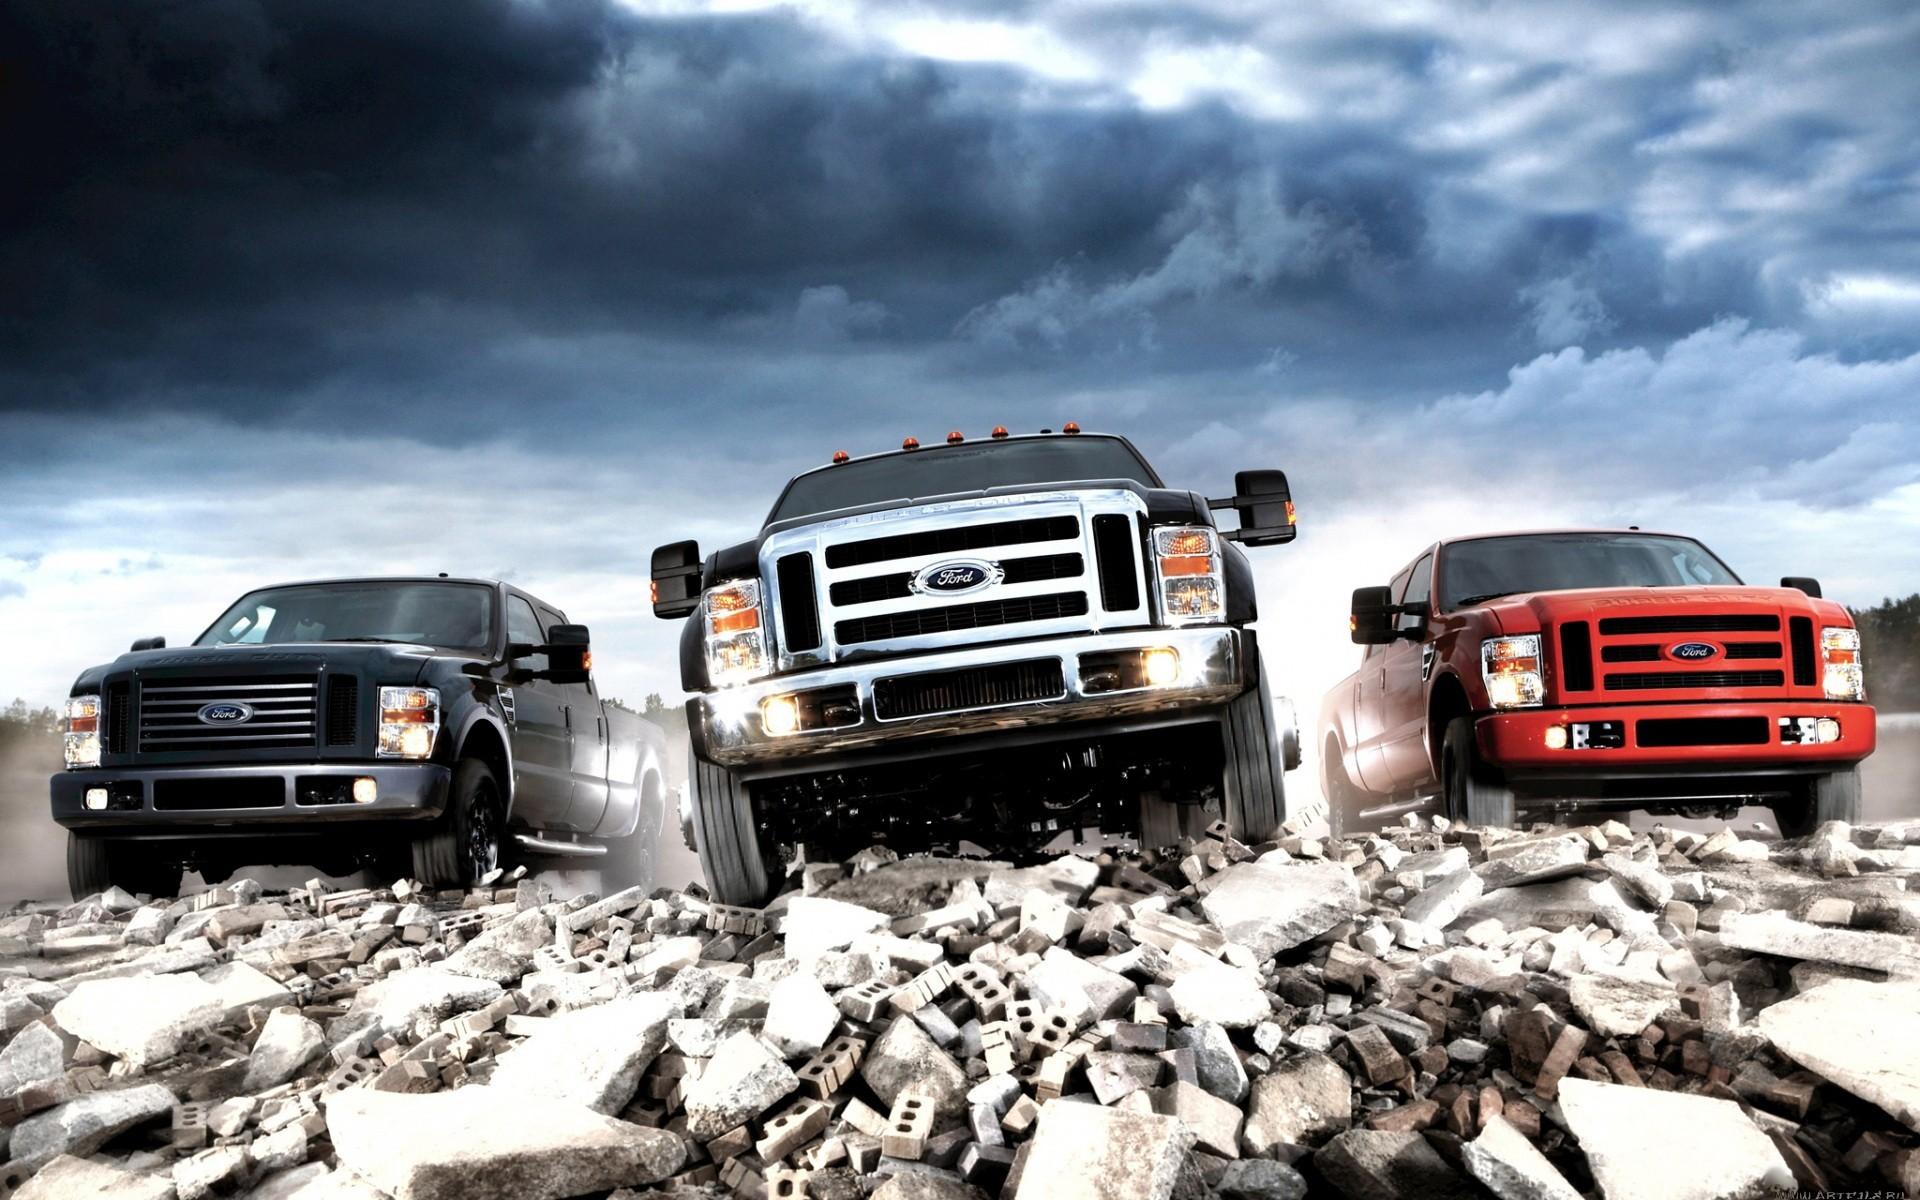 ford_trucks_vehicles_pickup_desktop_1920x1200_hd-wallpaper-1204736